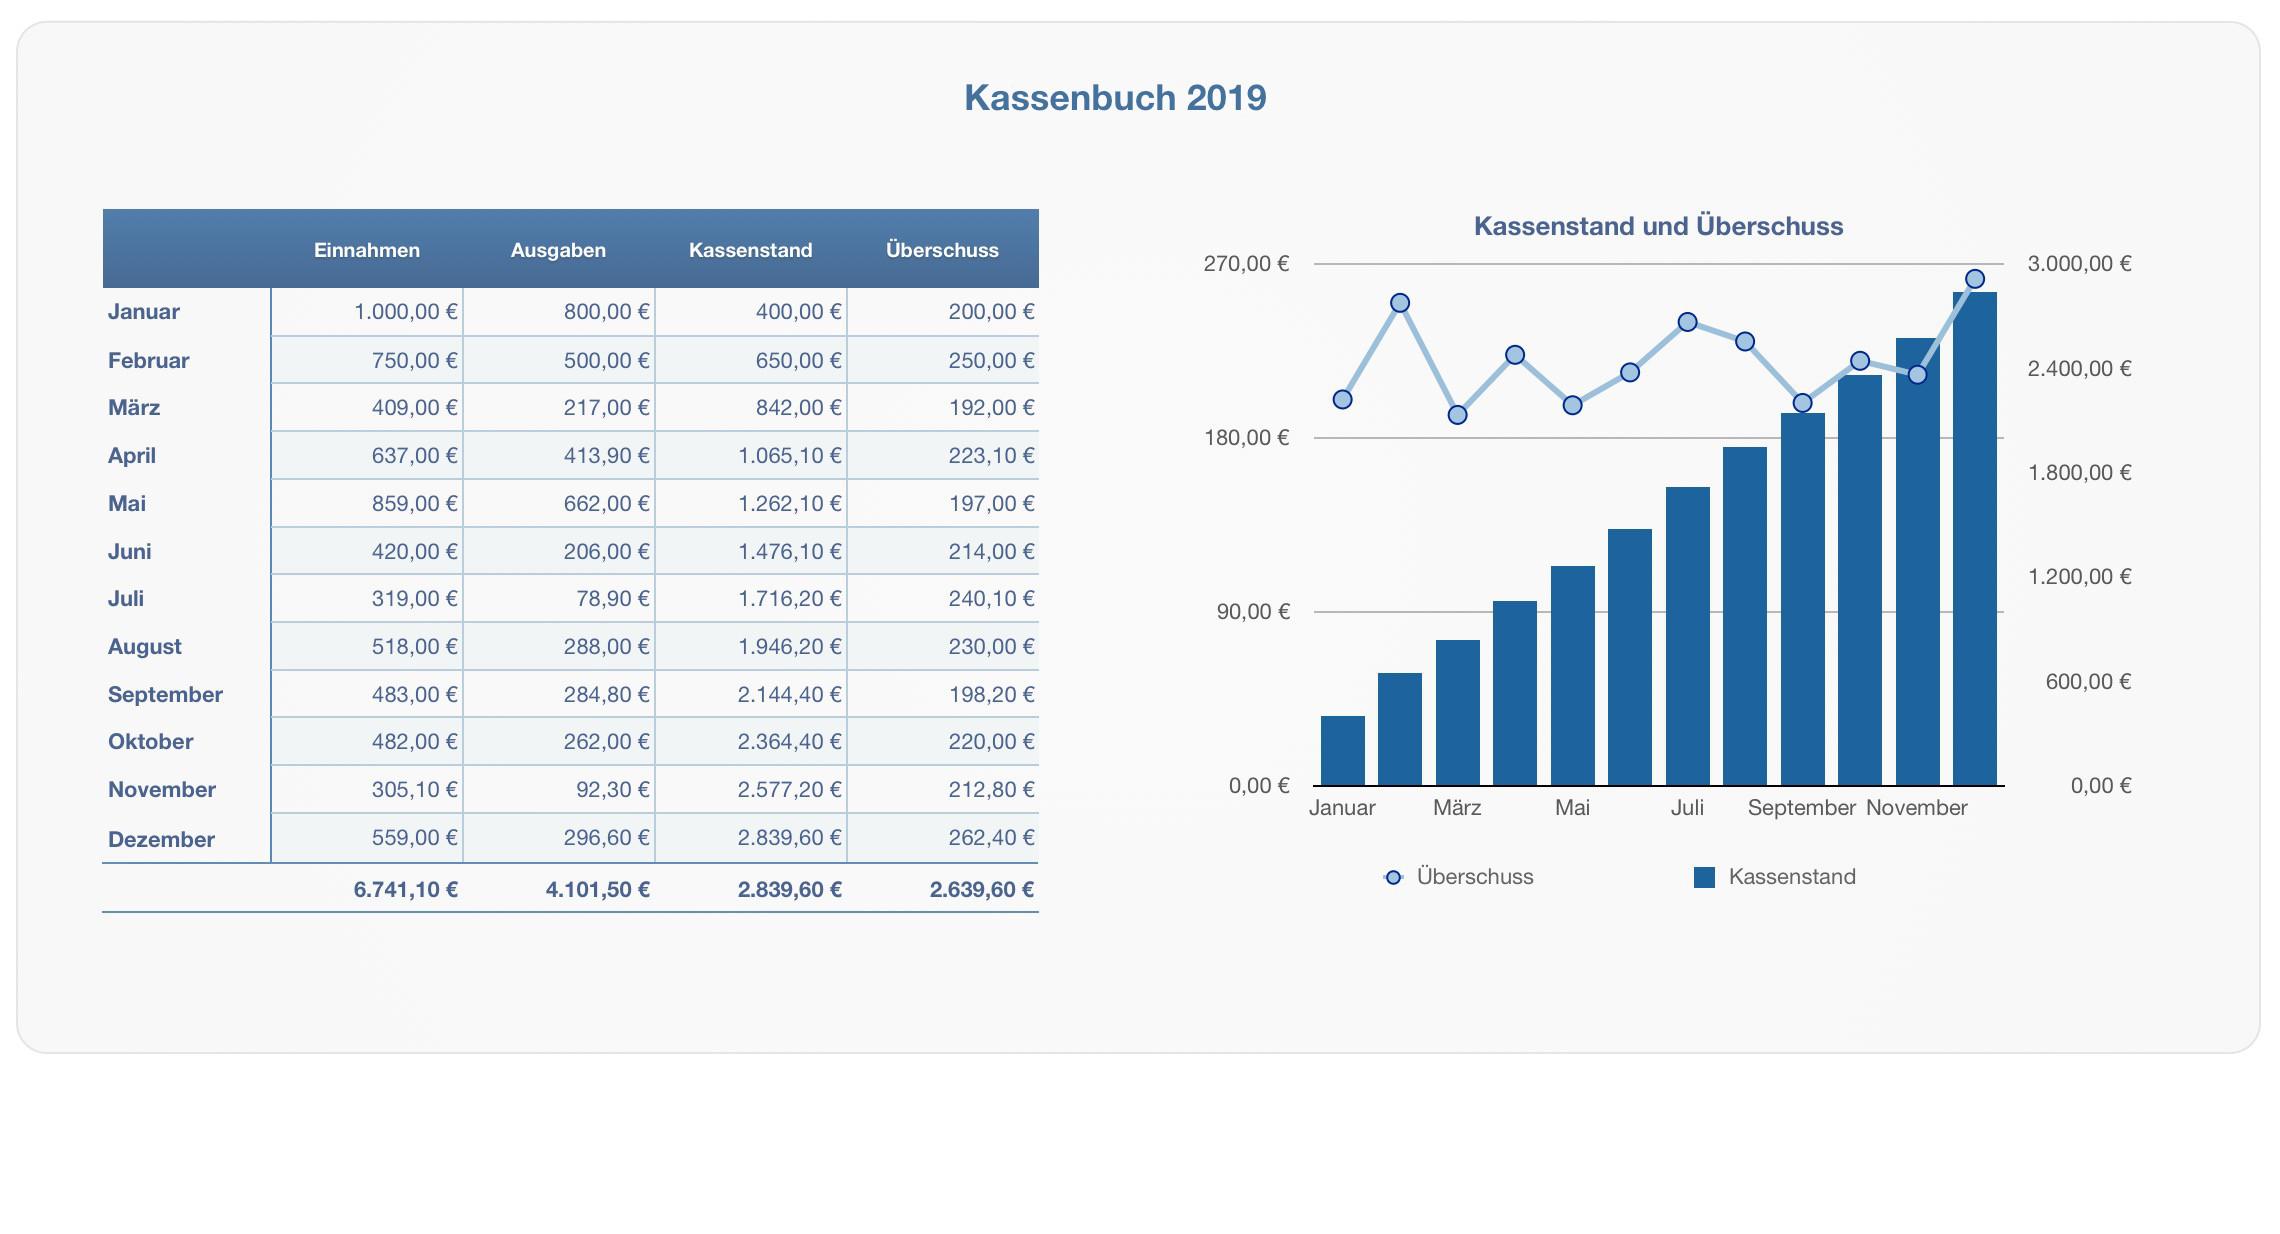 Numbers Vorlage Kassenbuch 2019 Ohne Ust Numbersvorlagende